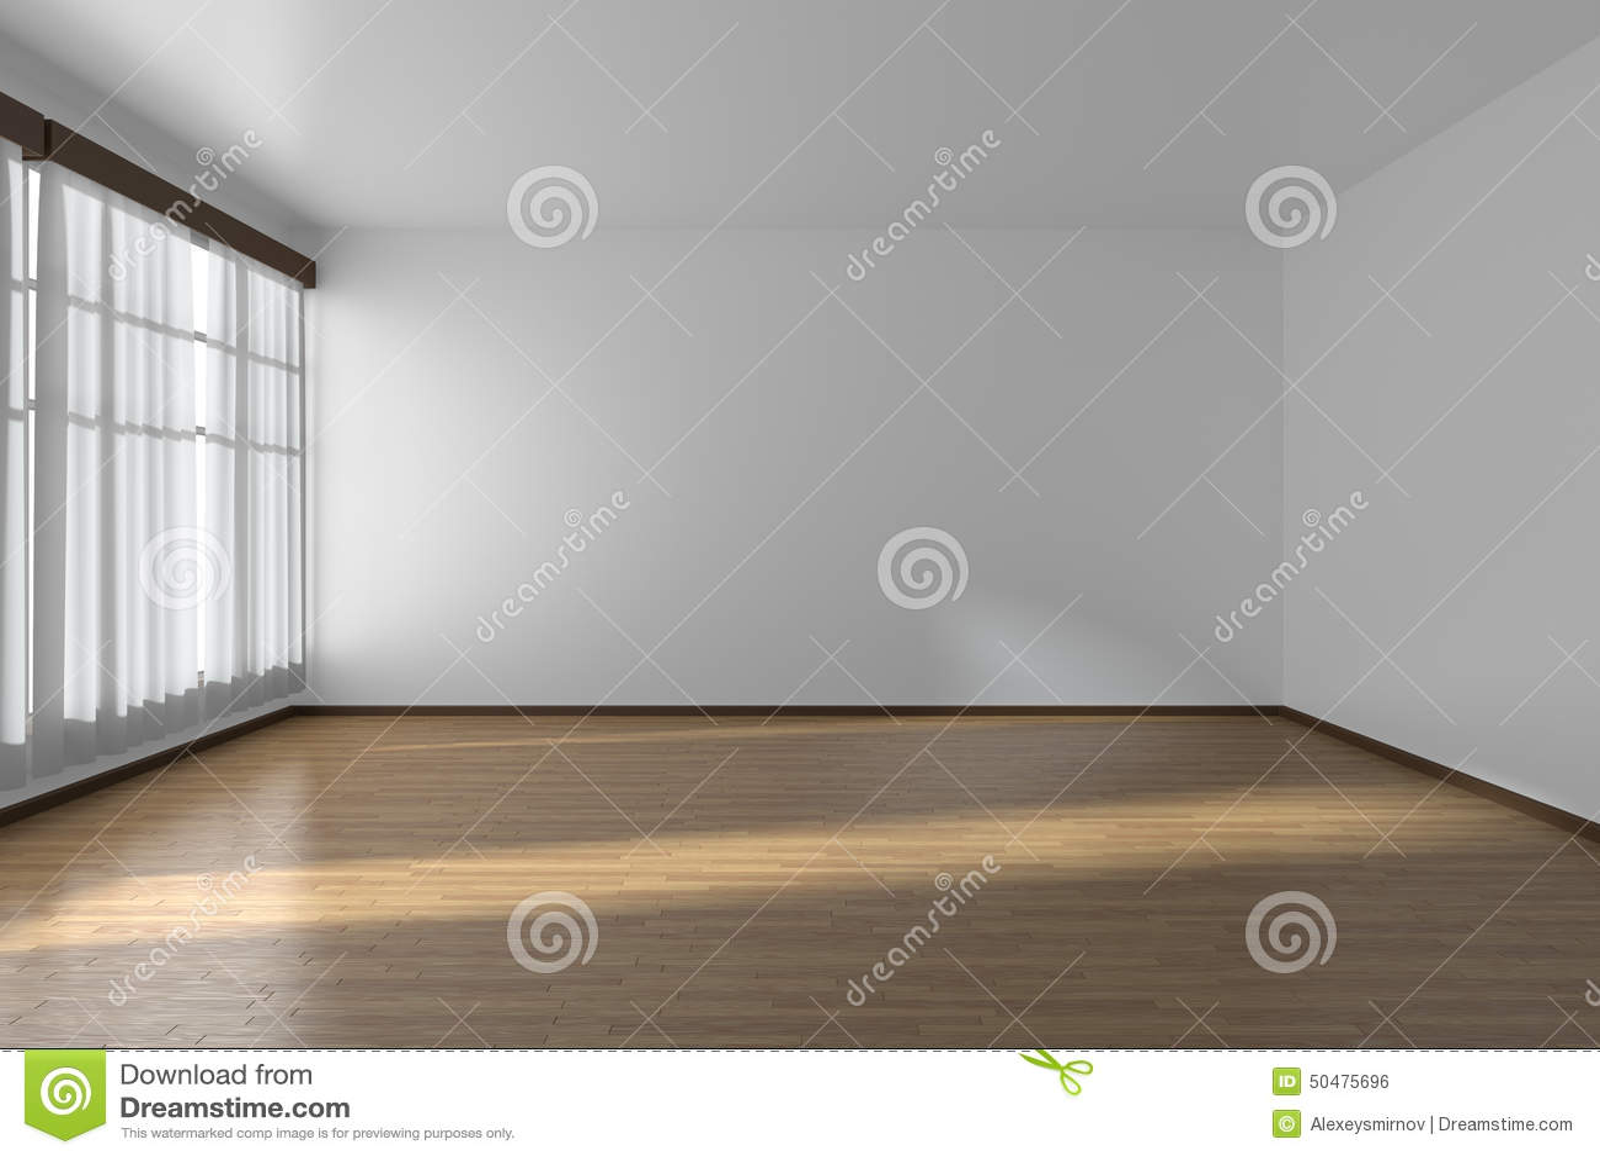 Stanza vuota bianca con le pareti il pavimento di parquet for Piani di pavimento adu